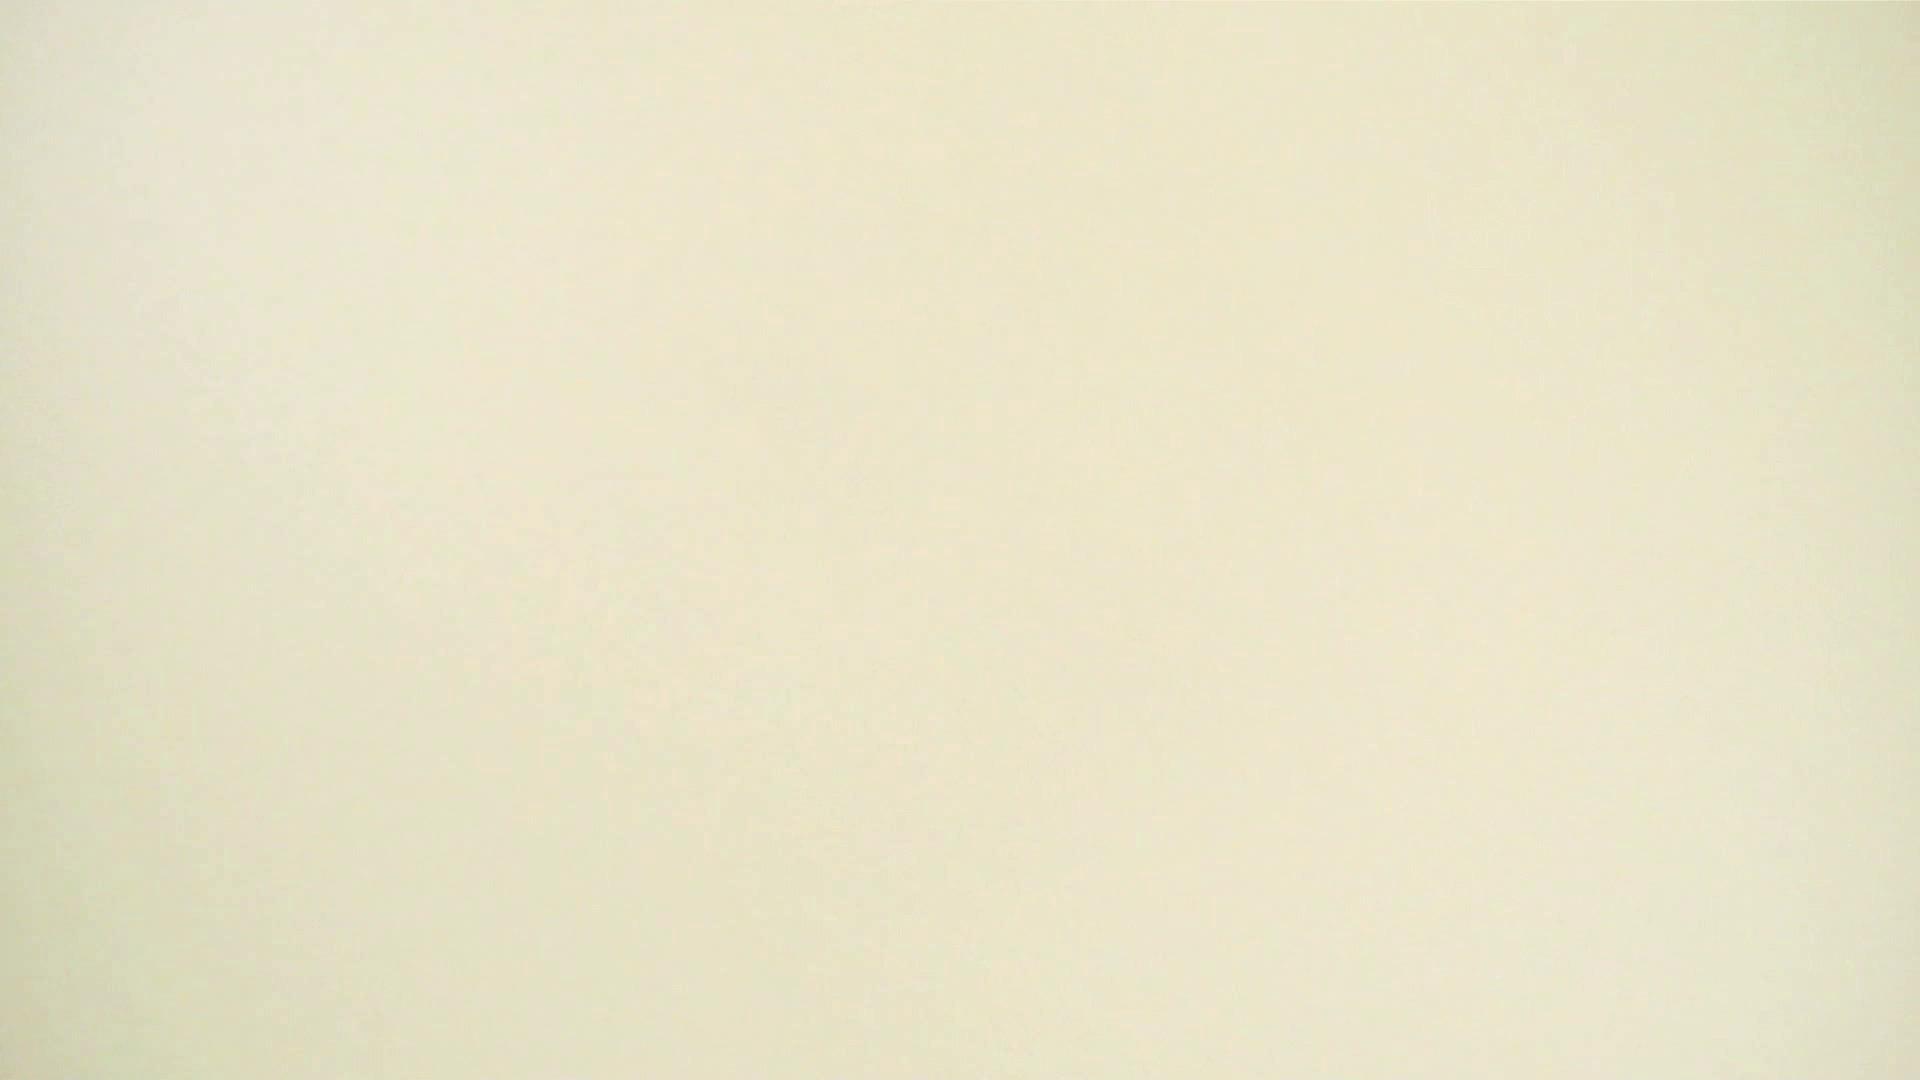 お市さんの「お尻丸出しジャンボリー」No.02 覗き のぞき動画画像 41連発 38